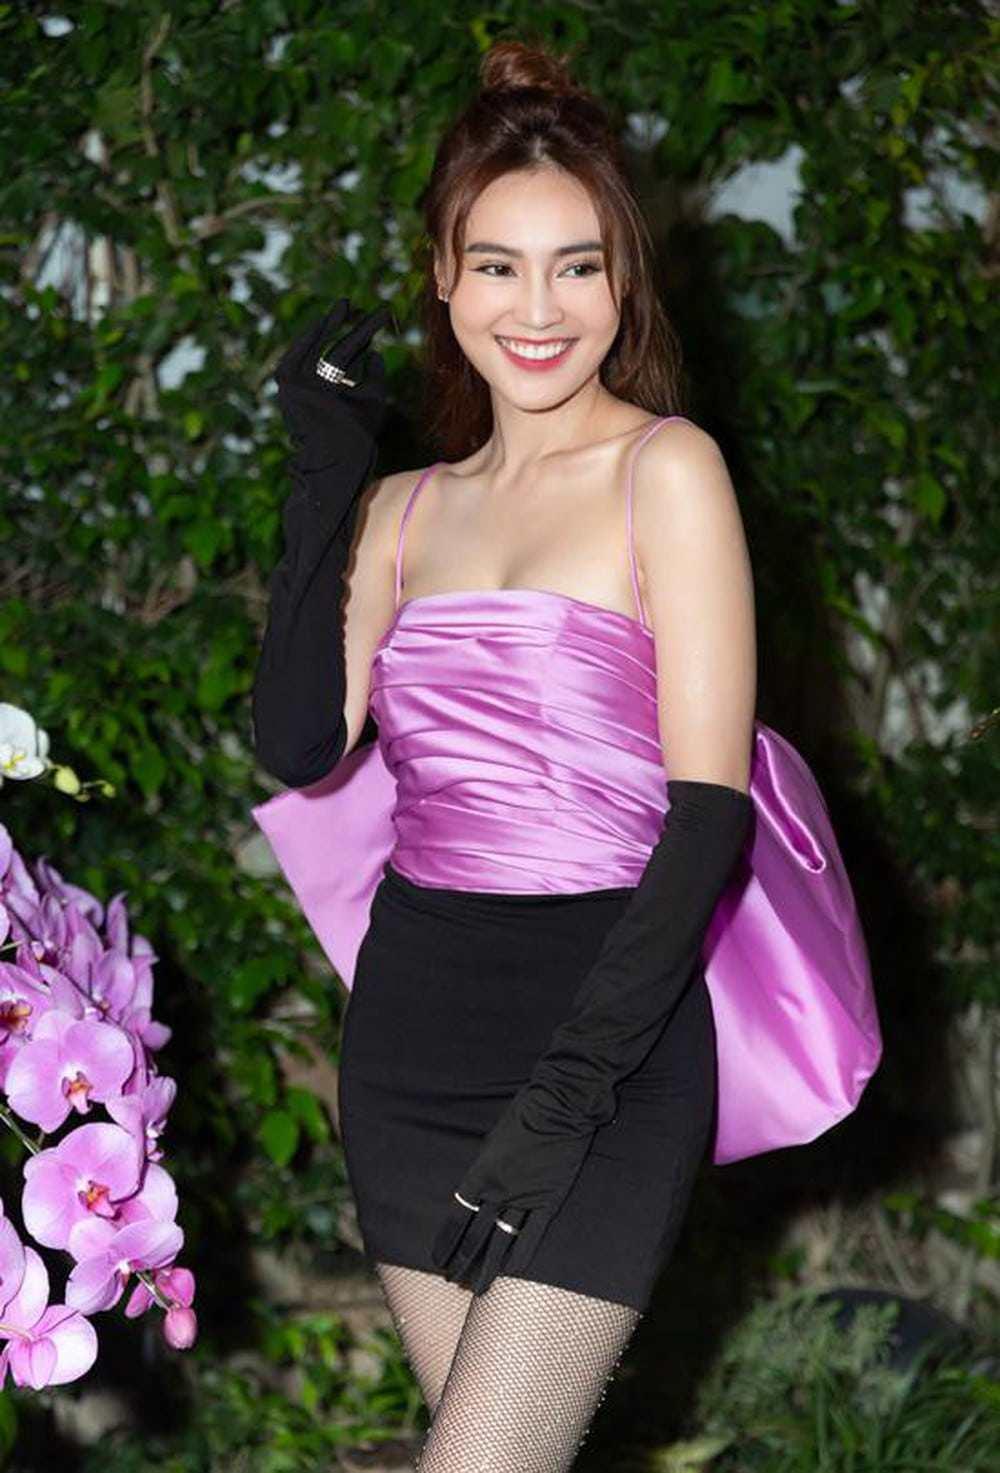 Bị coi là gam màu sến sẩm, vậy mà mỹ nhân Việt vẫn đua nhau lên đồ cùng sắc tím - Hình 2